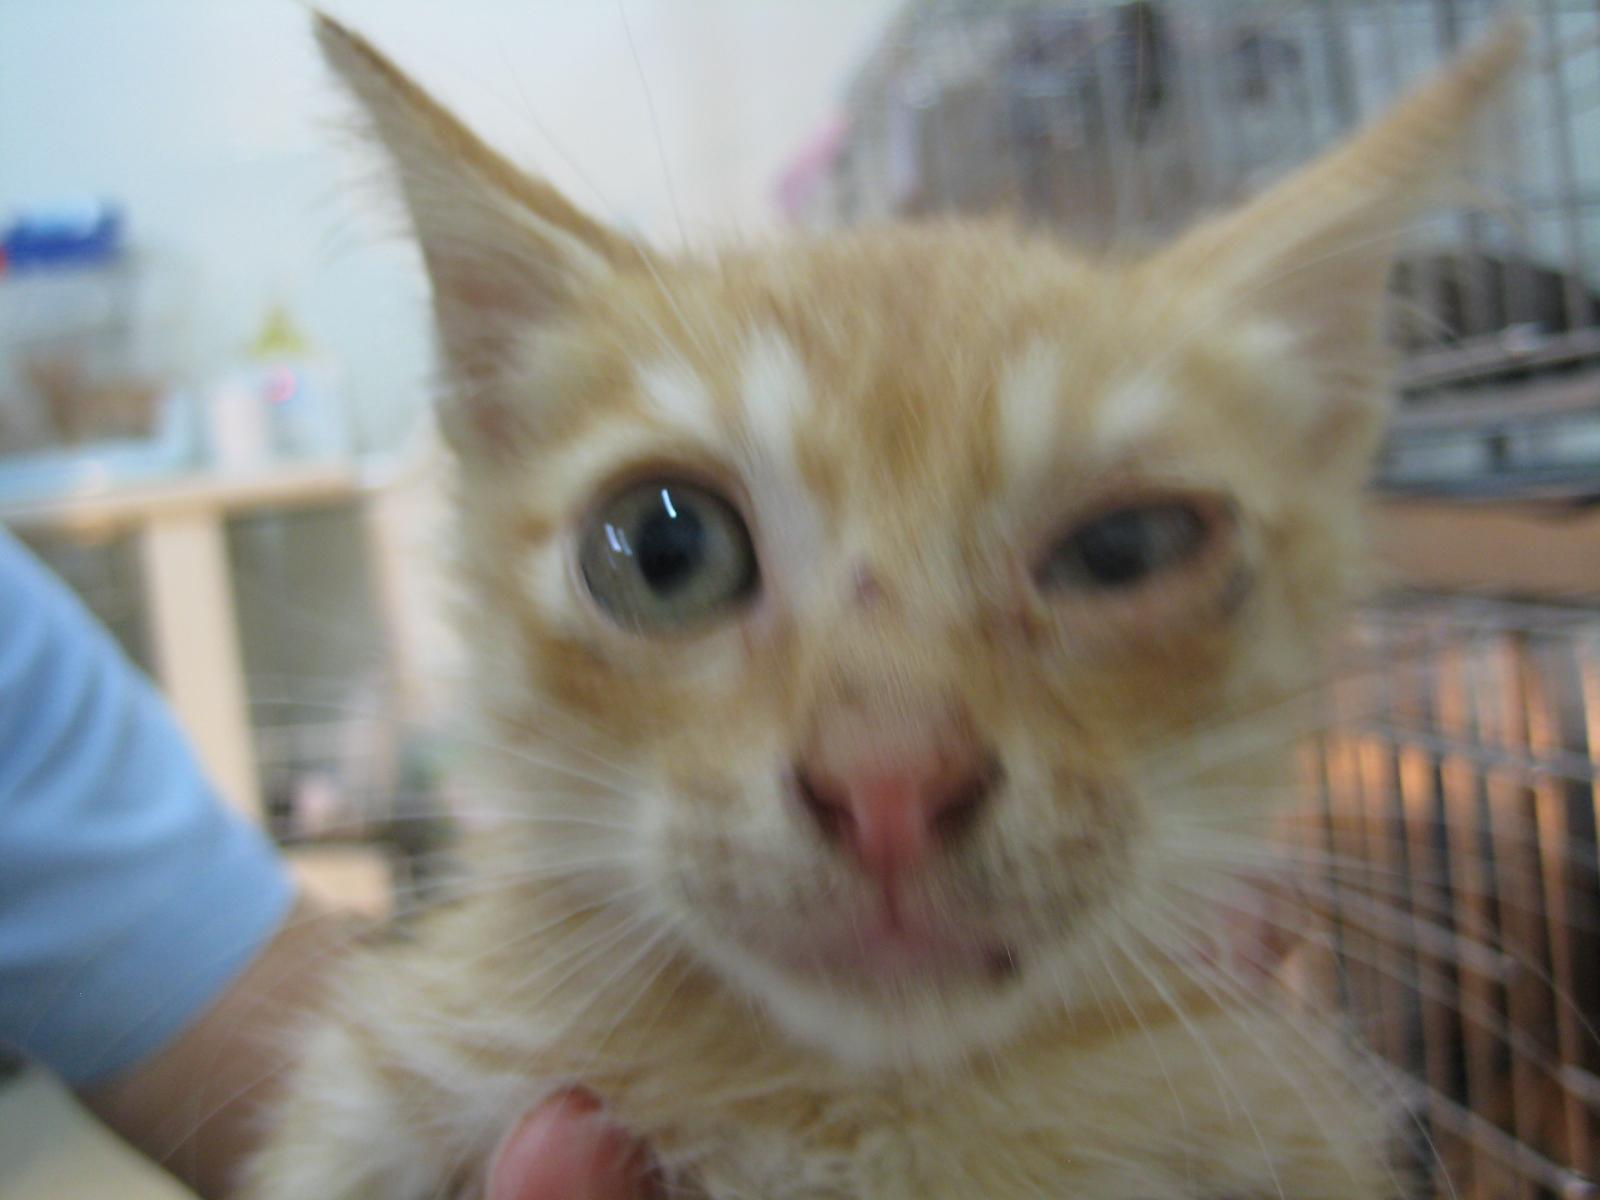 主题: 上呼吸道感染的小幼猫 申请者姓名: sally chang 花色: 橘猫/全